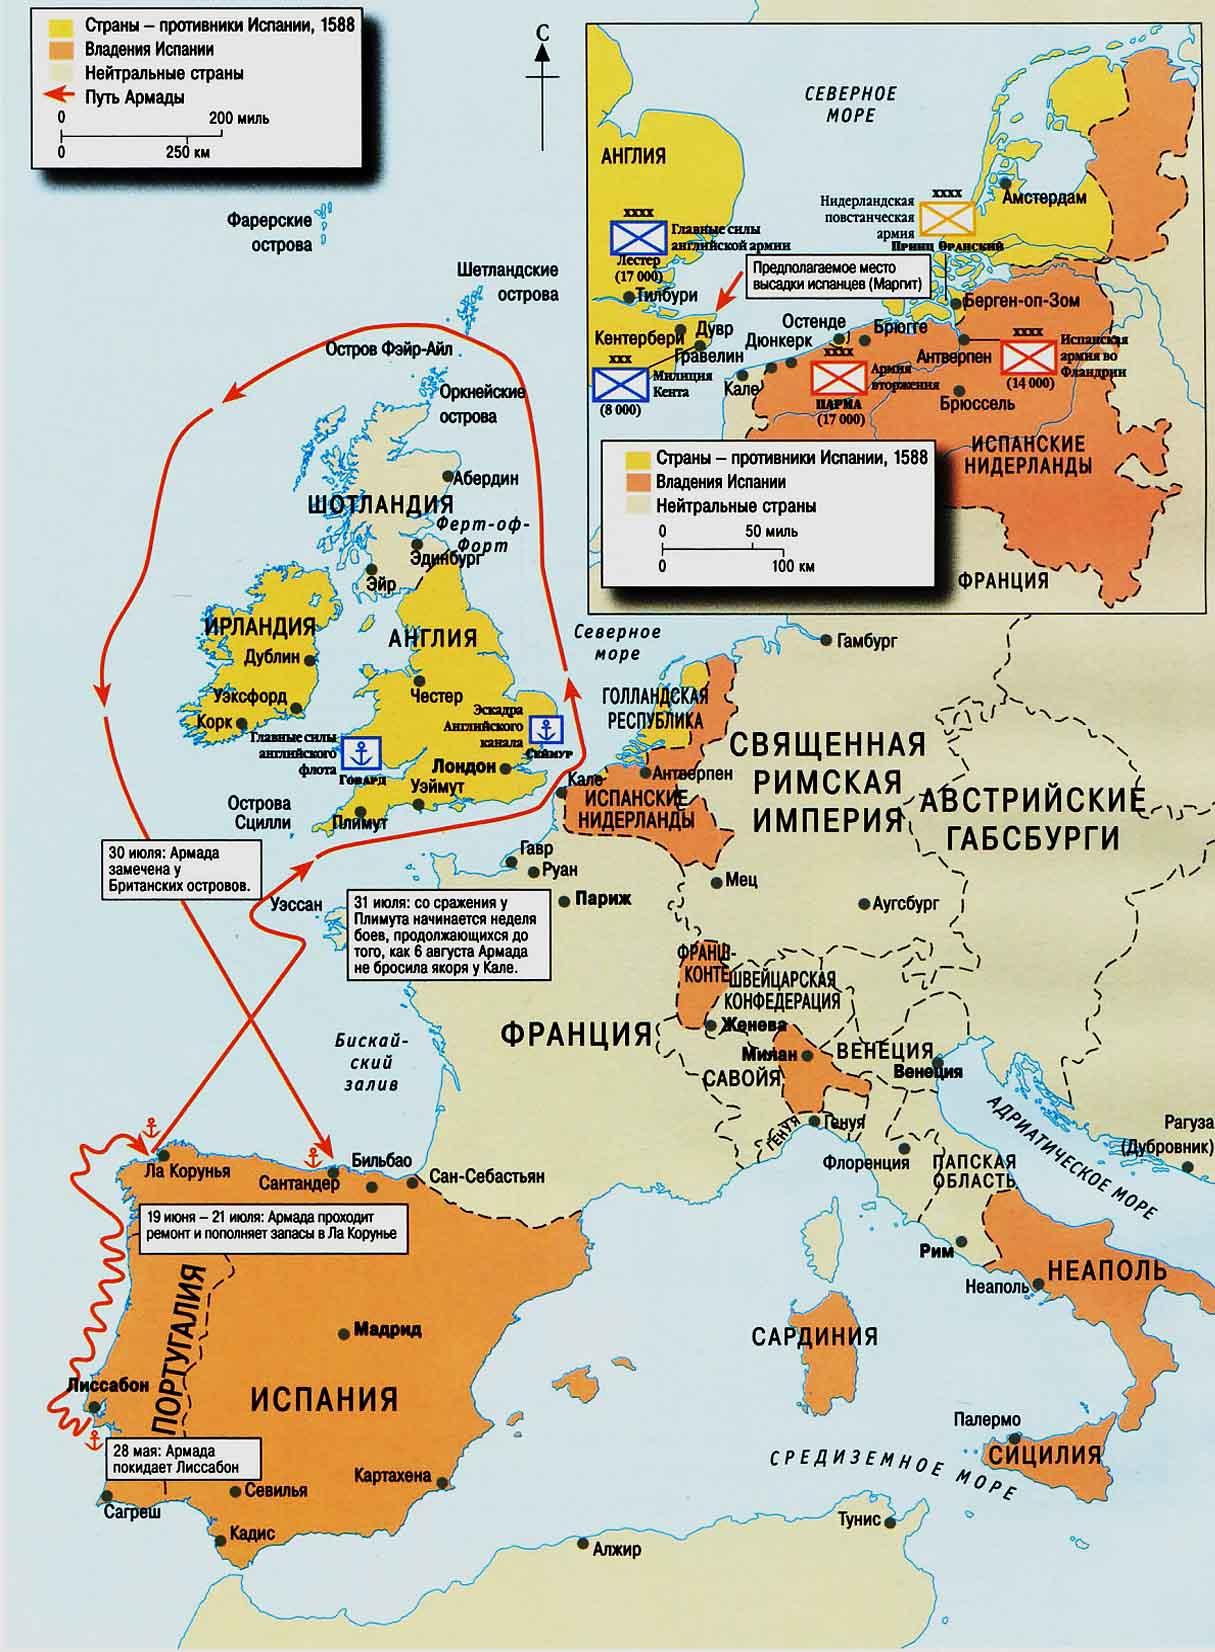 Англо-испанская война (1585—1604)